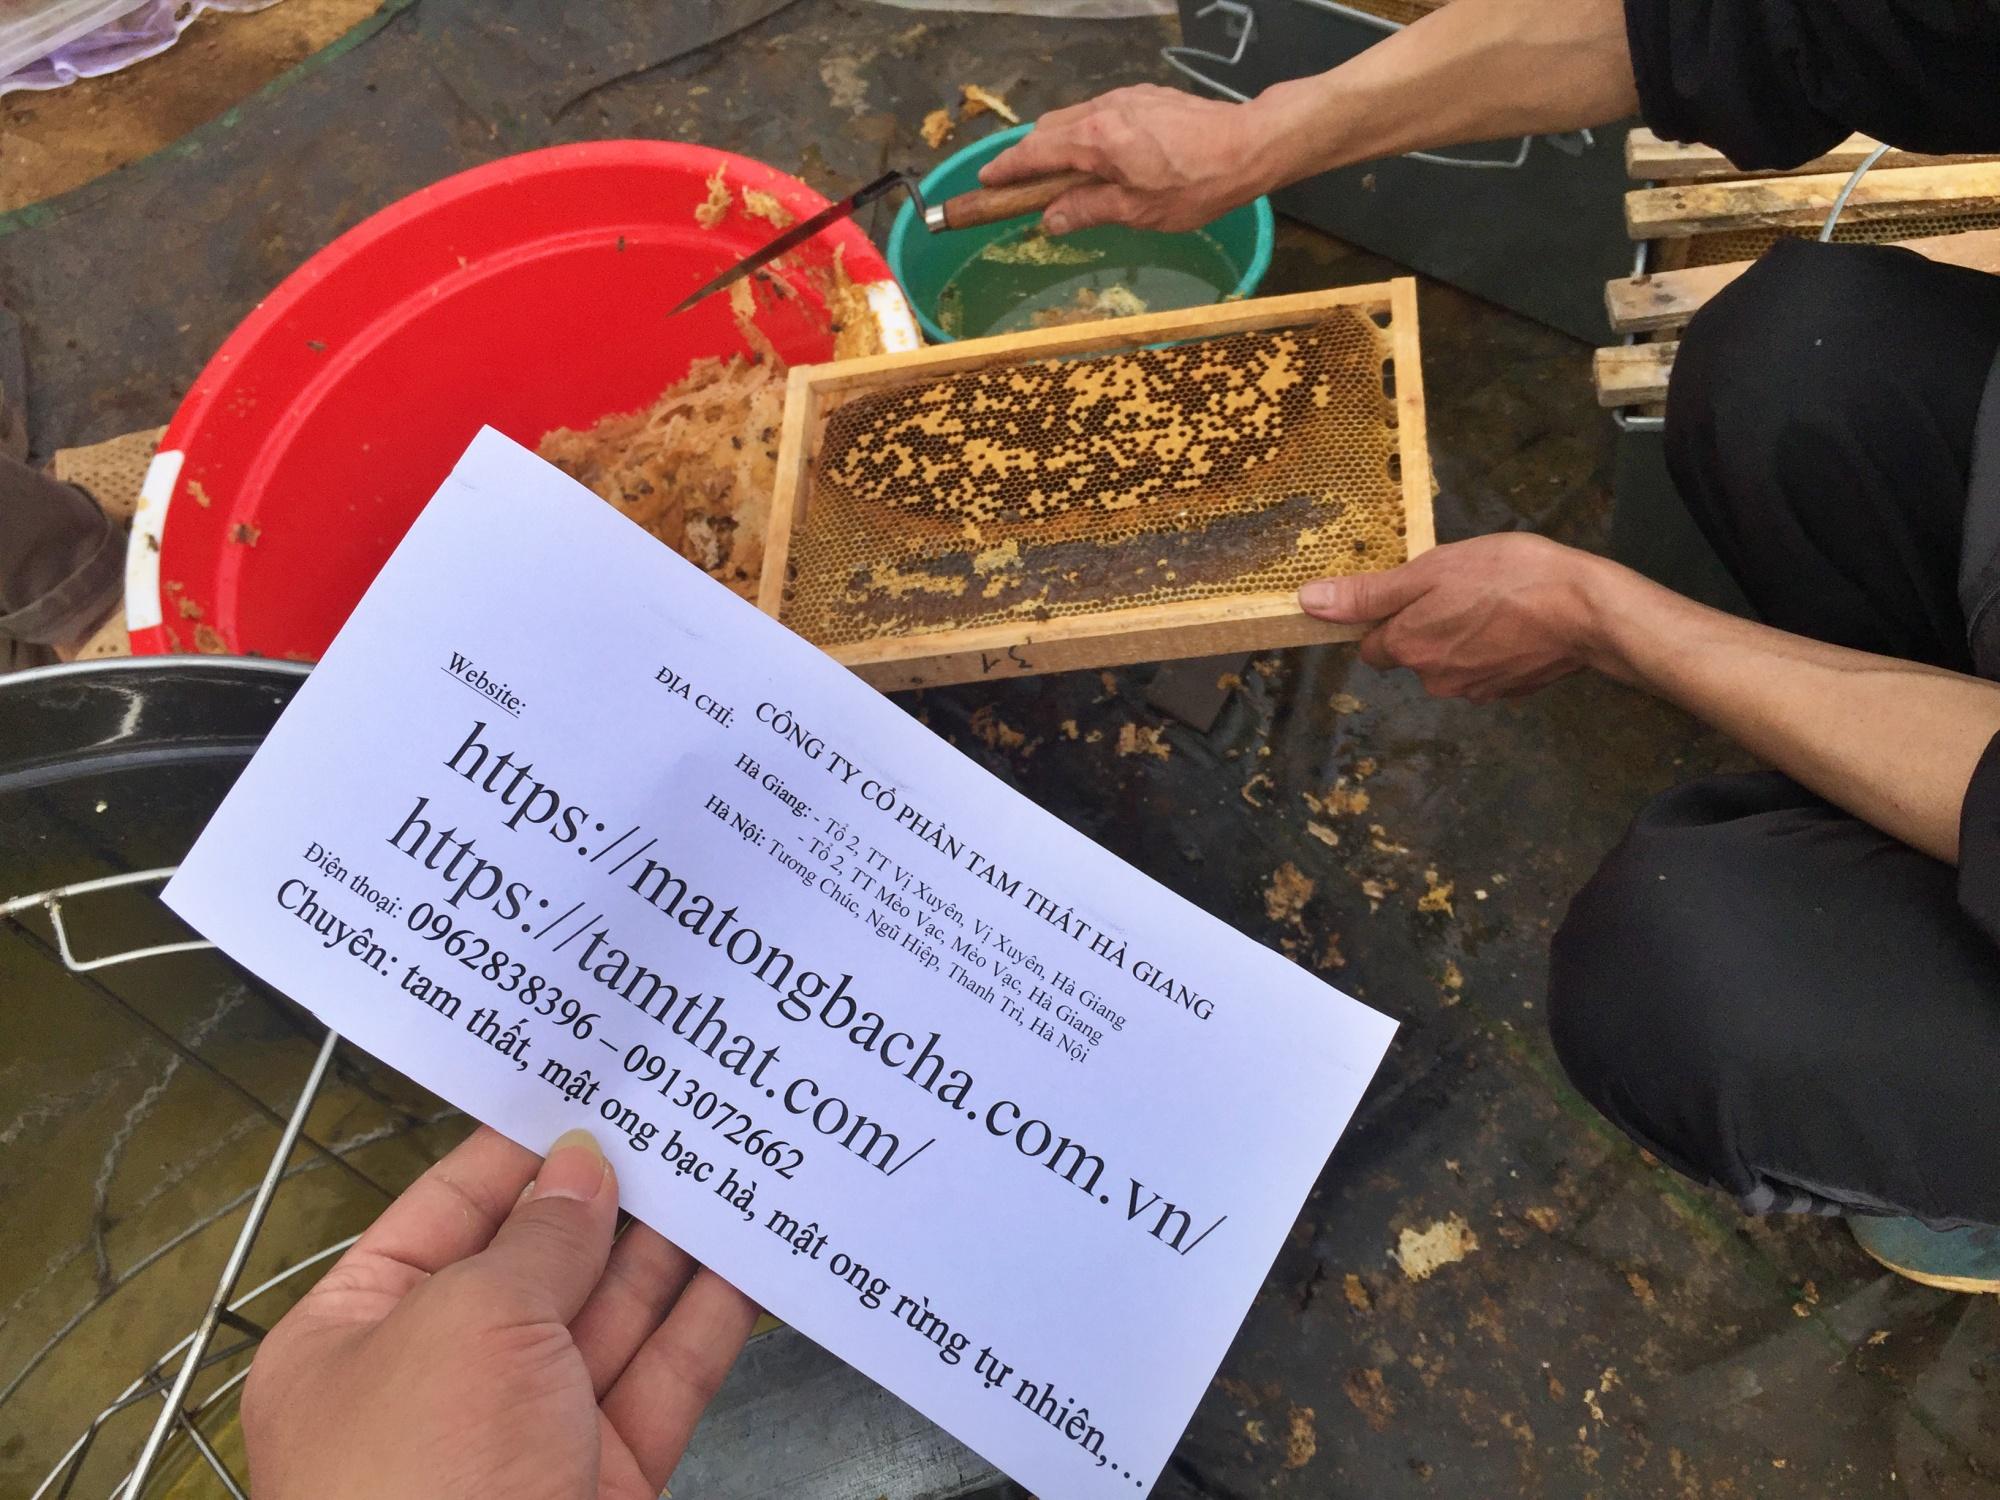 Thời tiết mưa thuận gió hòa, hứa hẹn một mùa khai thác mật ong bạc hà thành công.